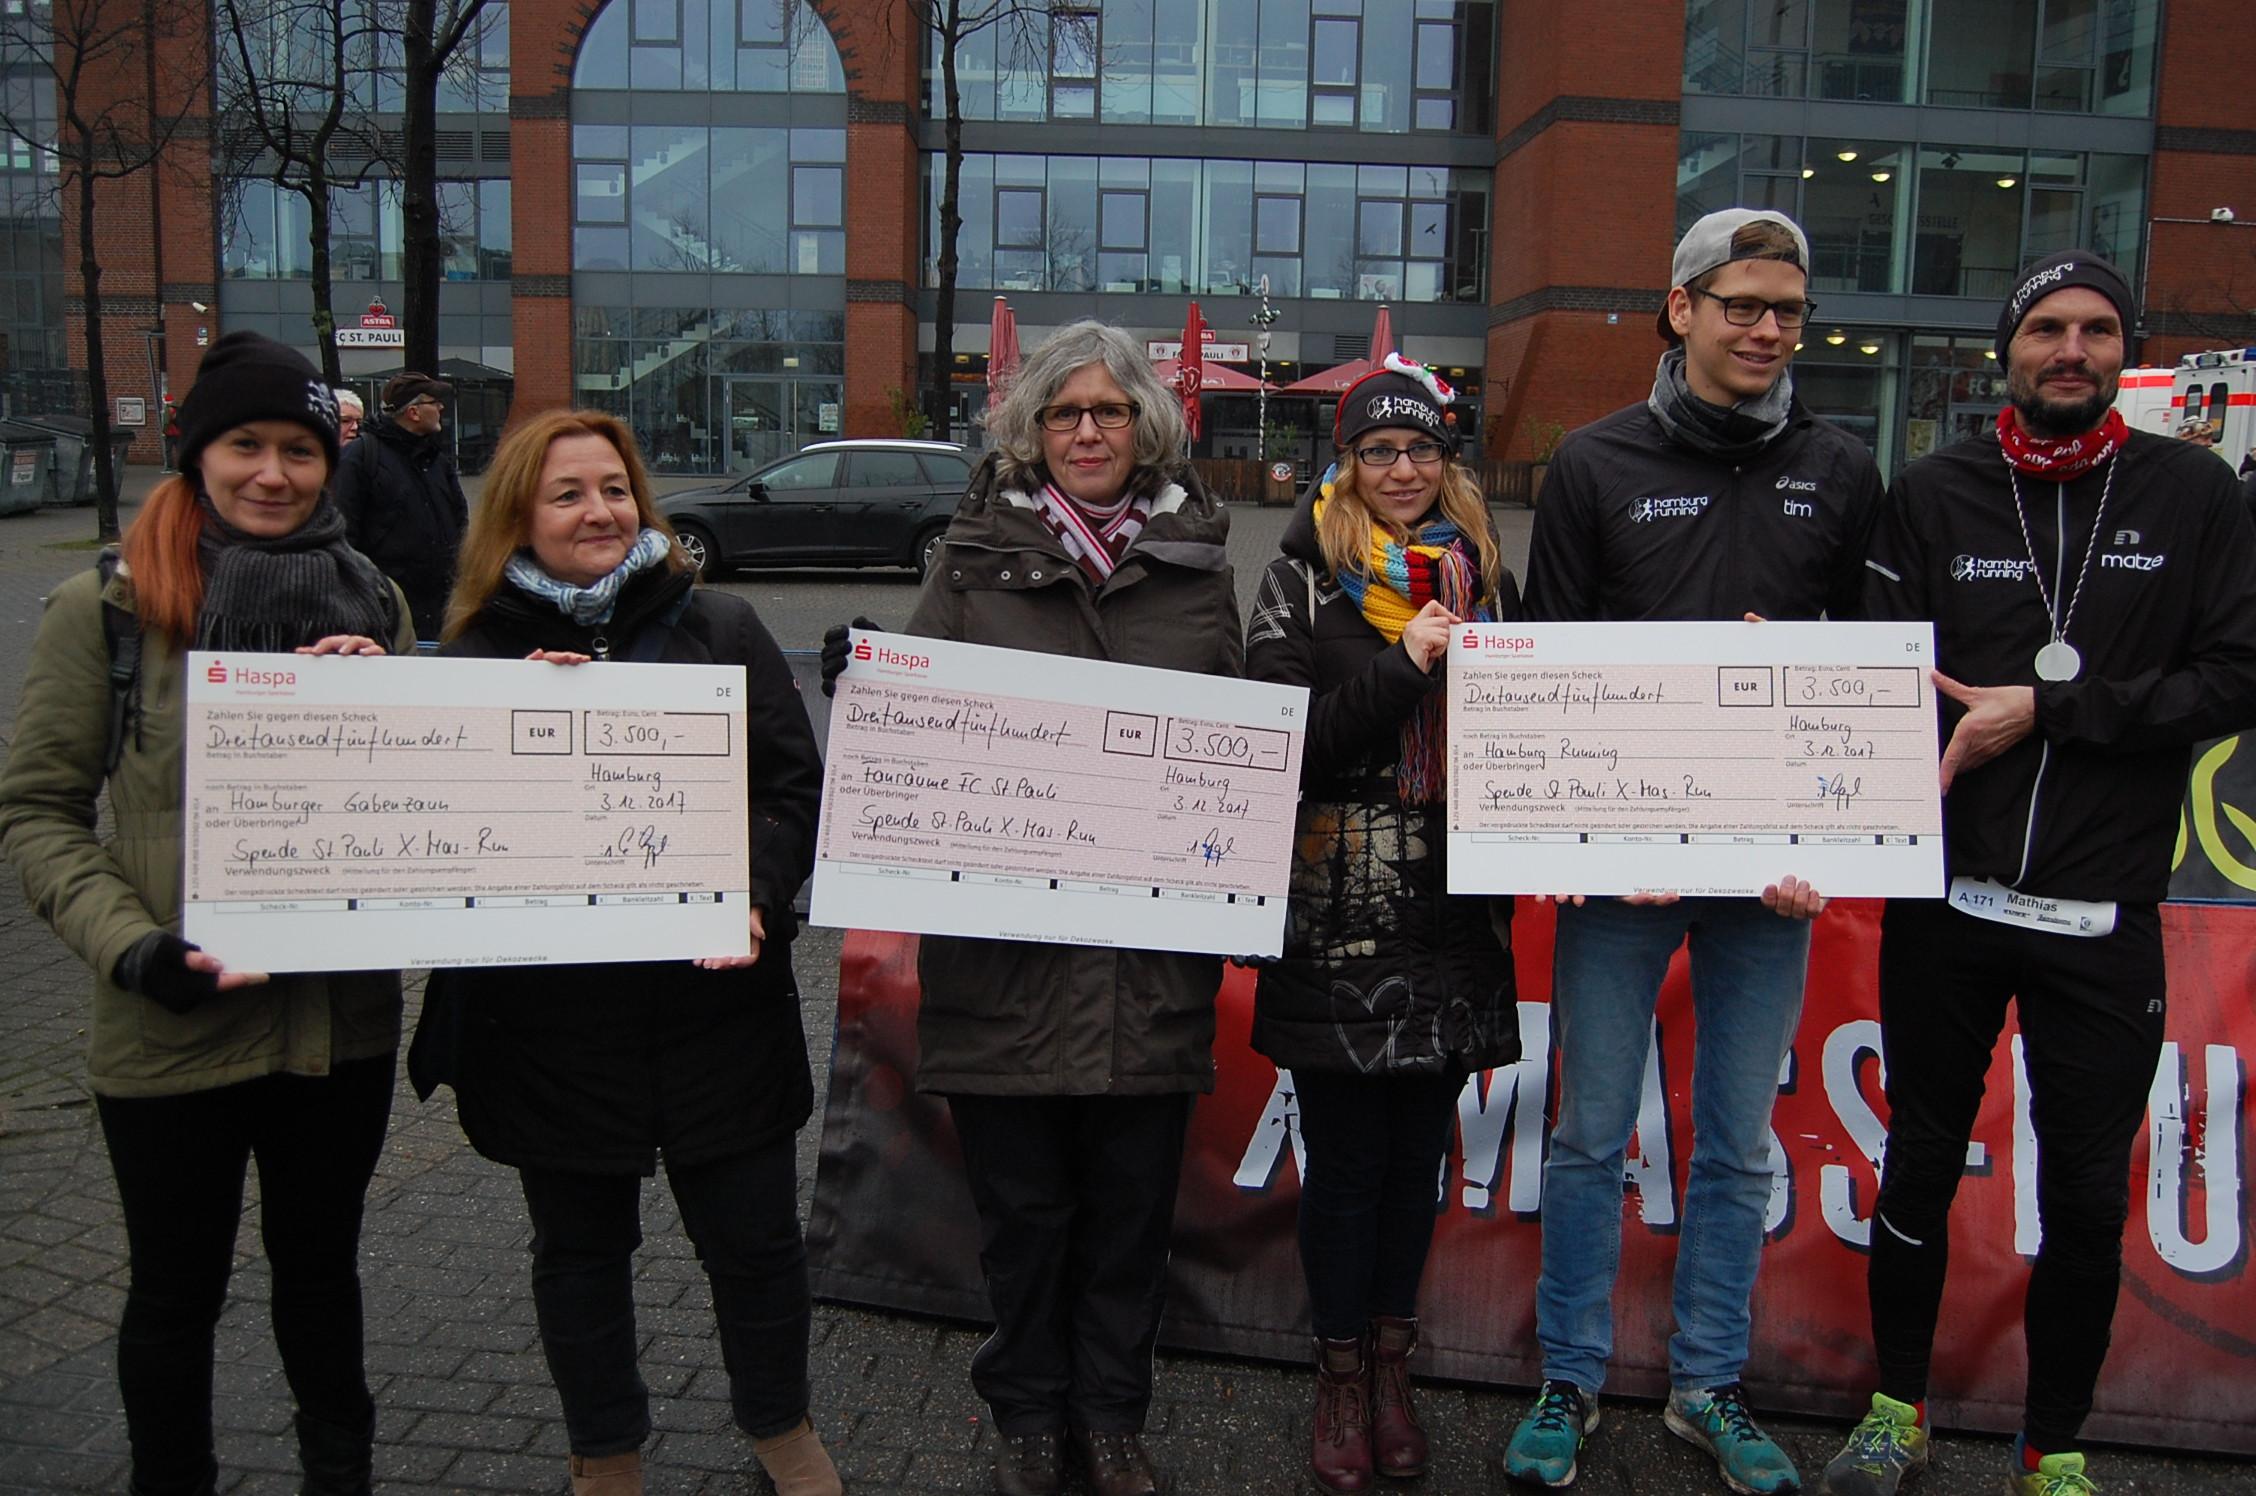 7. X-Mass-Run St. Pauli: Ãœbergabe der Spendenschecks